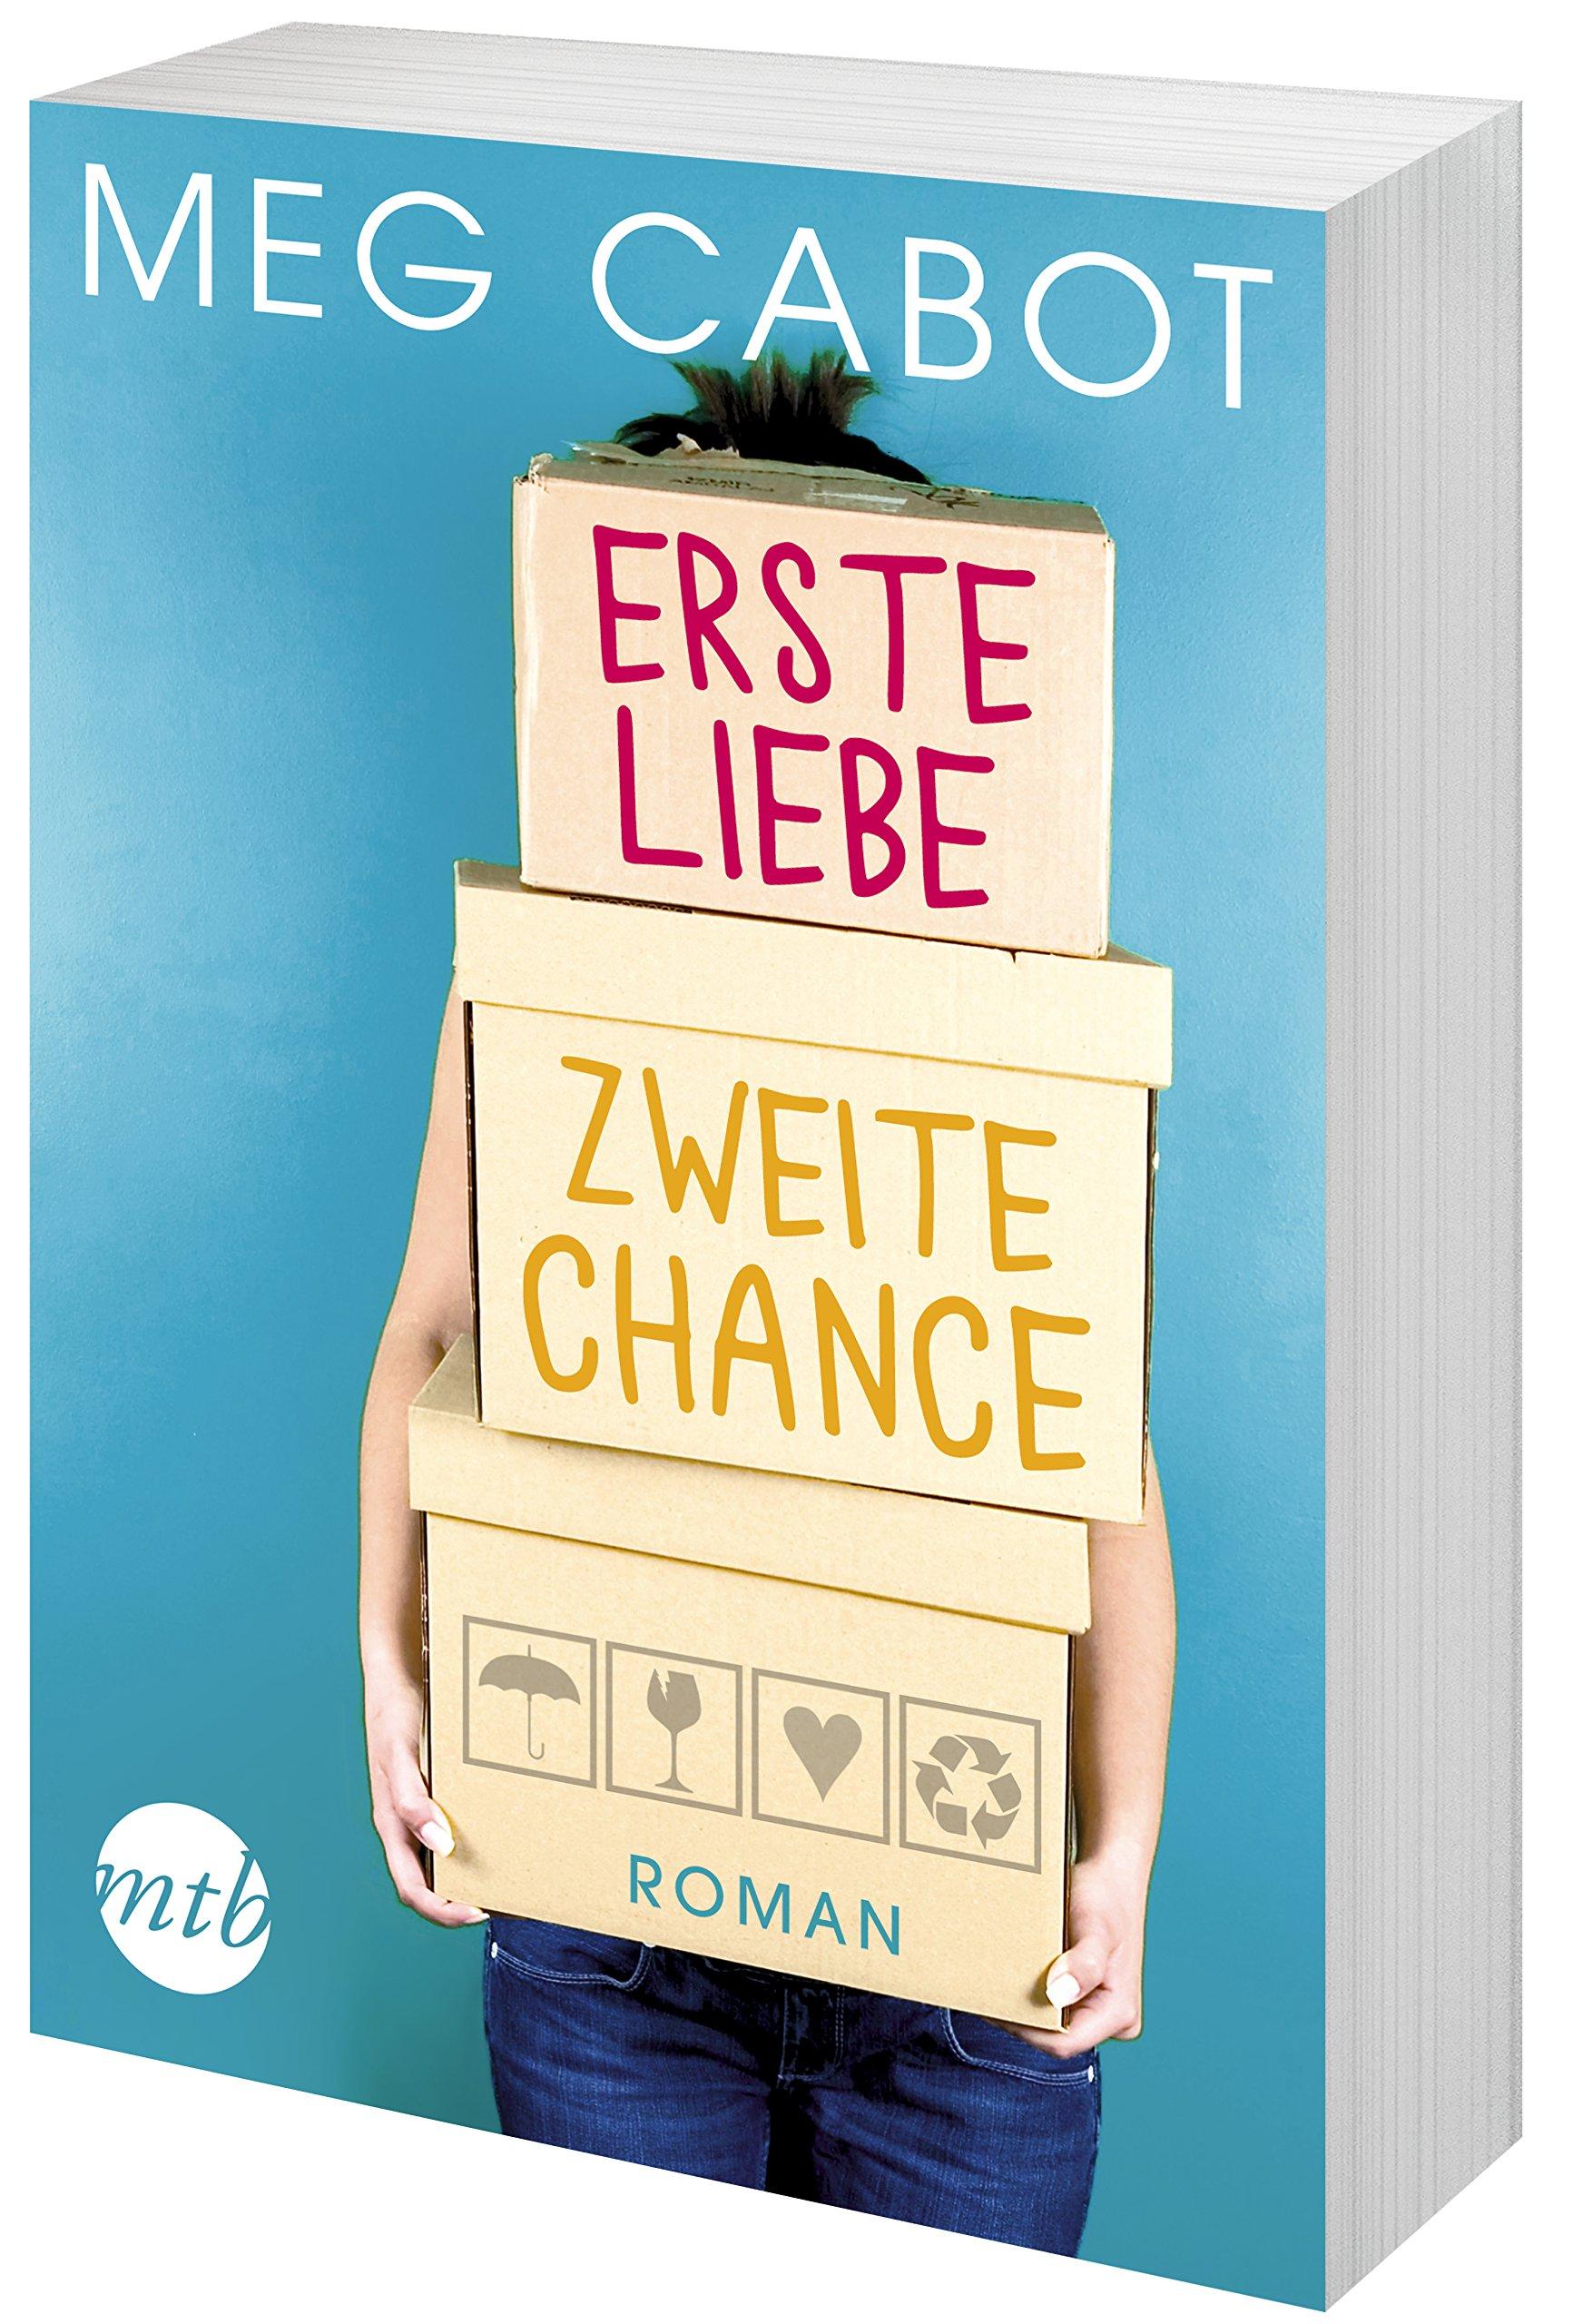 Erste Liebe, zweite Chance: Amazon.de: Meg Cabot, Claudia Geng: Bücher